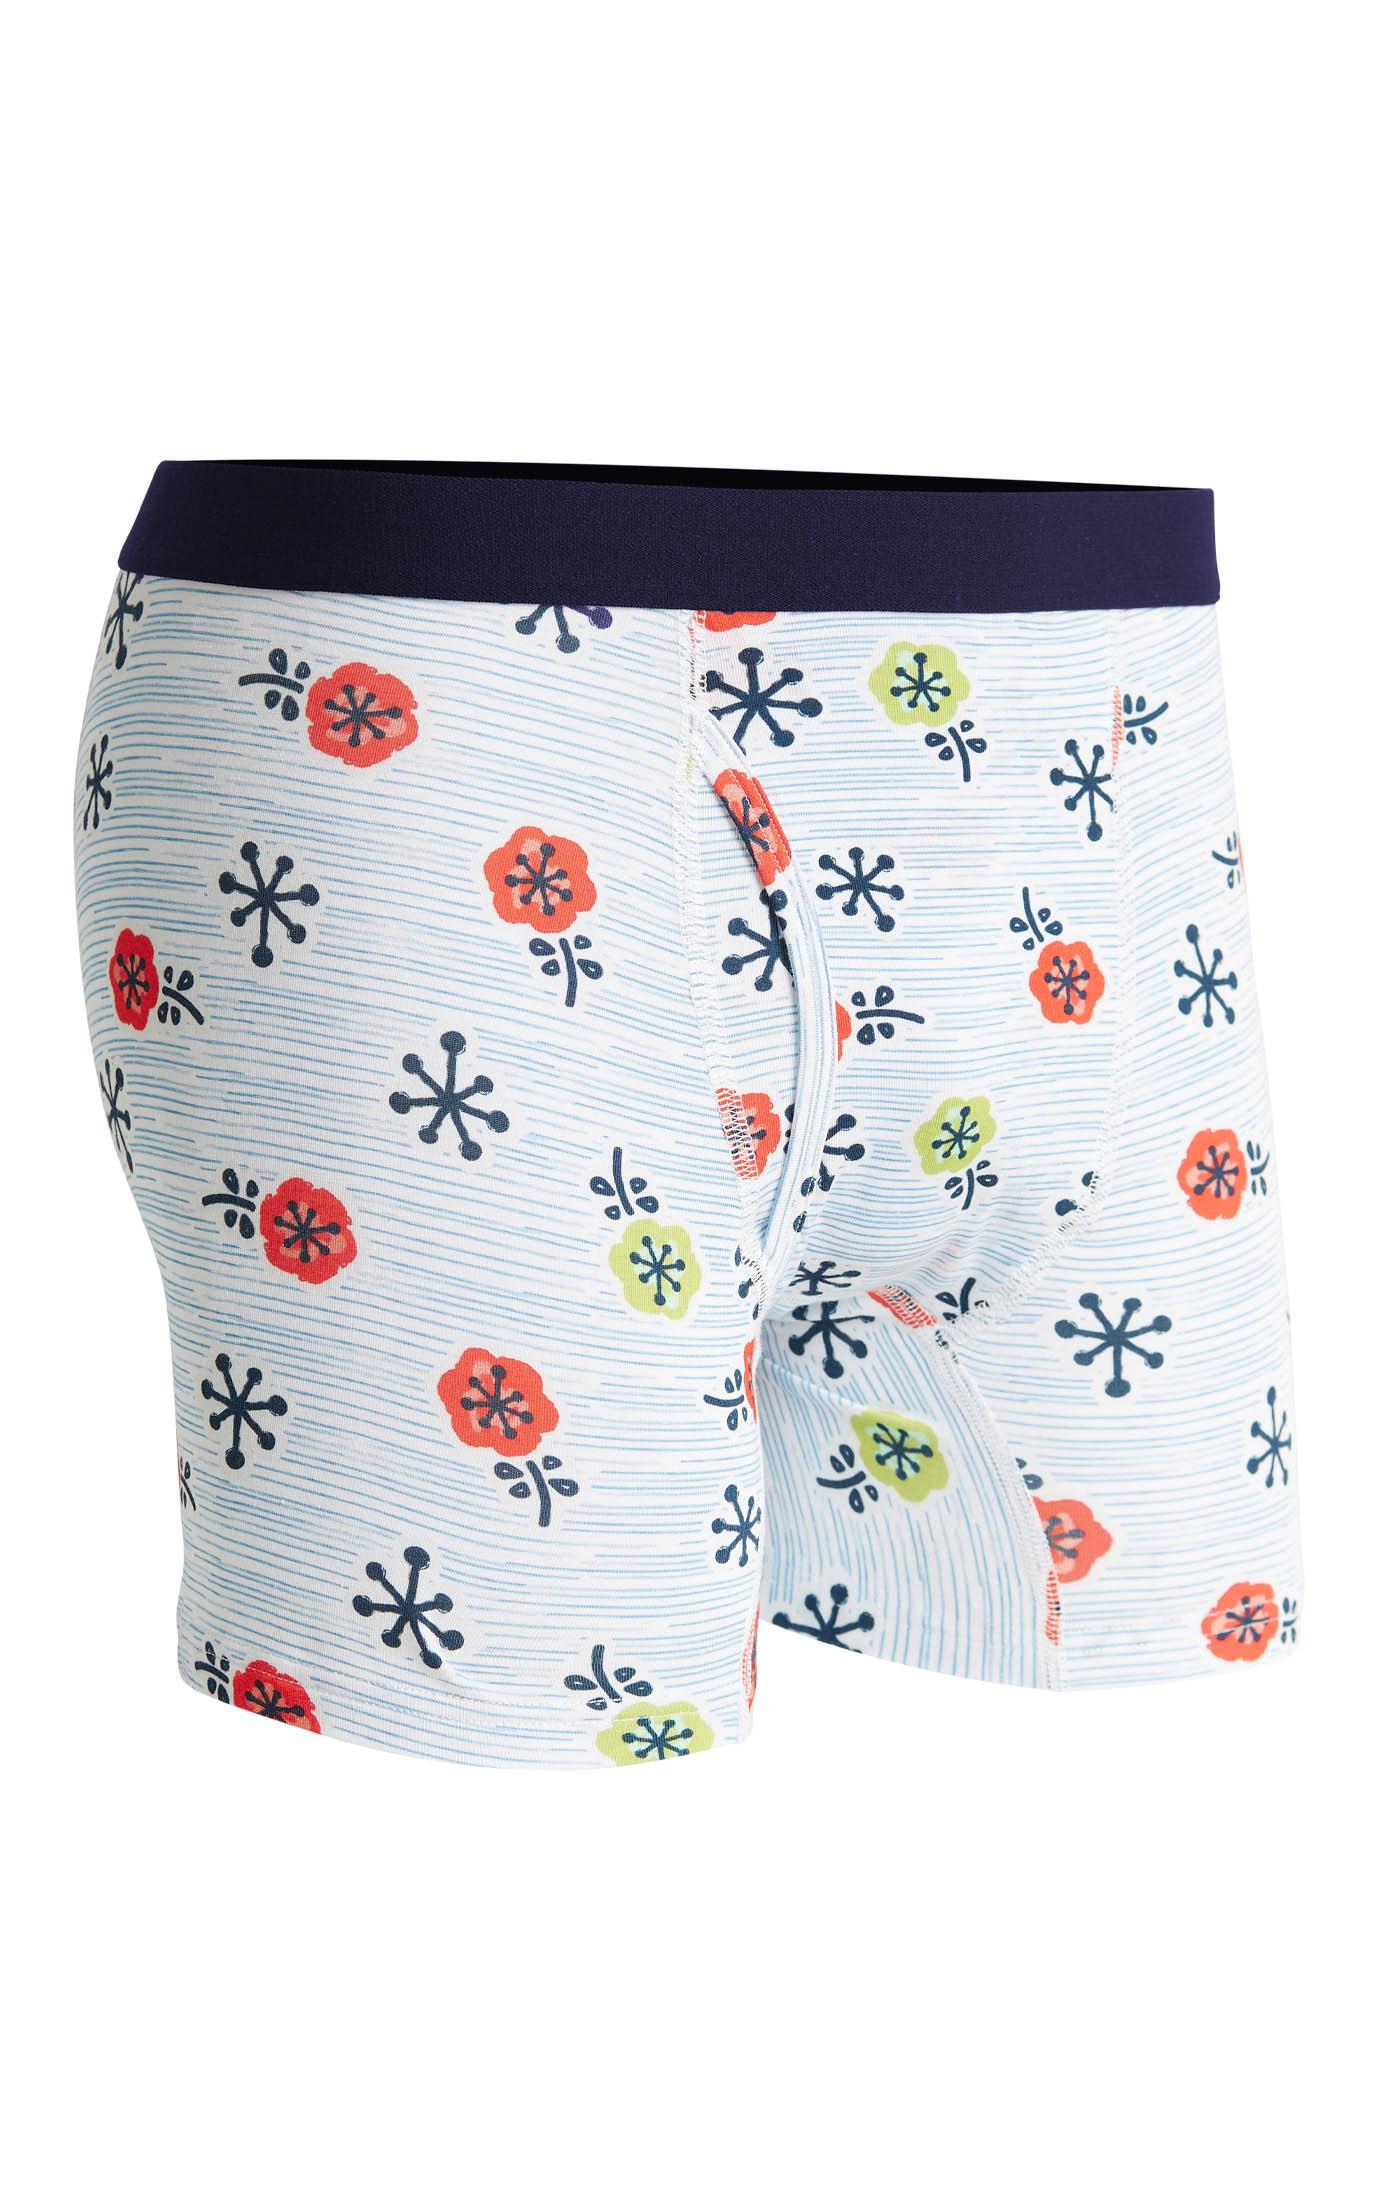 Richer Poorer Underwear